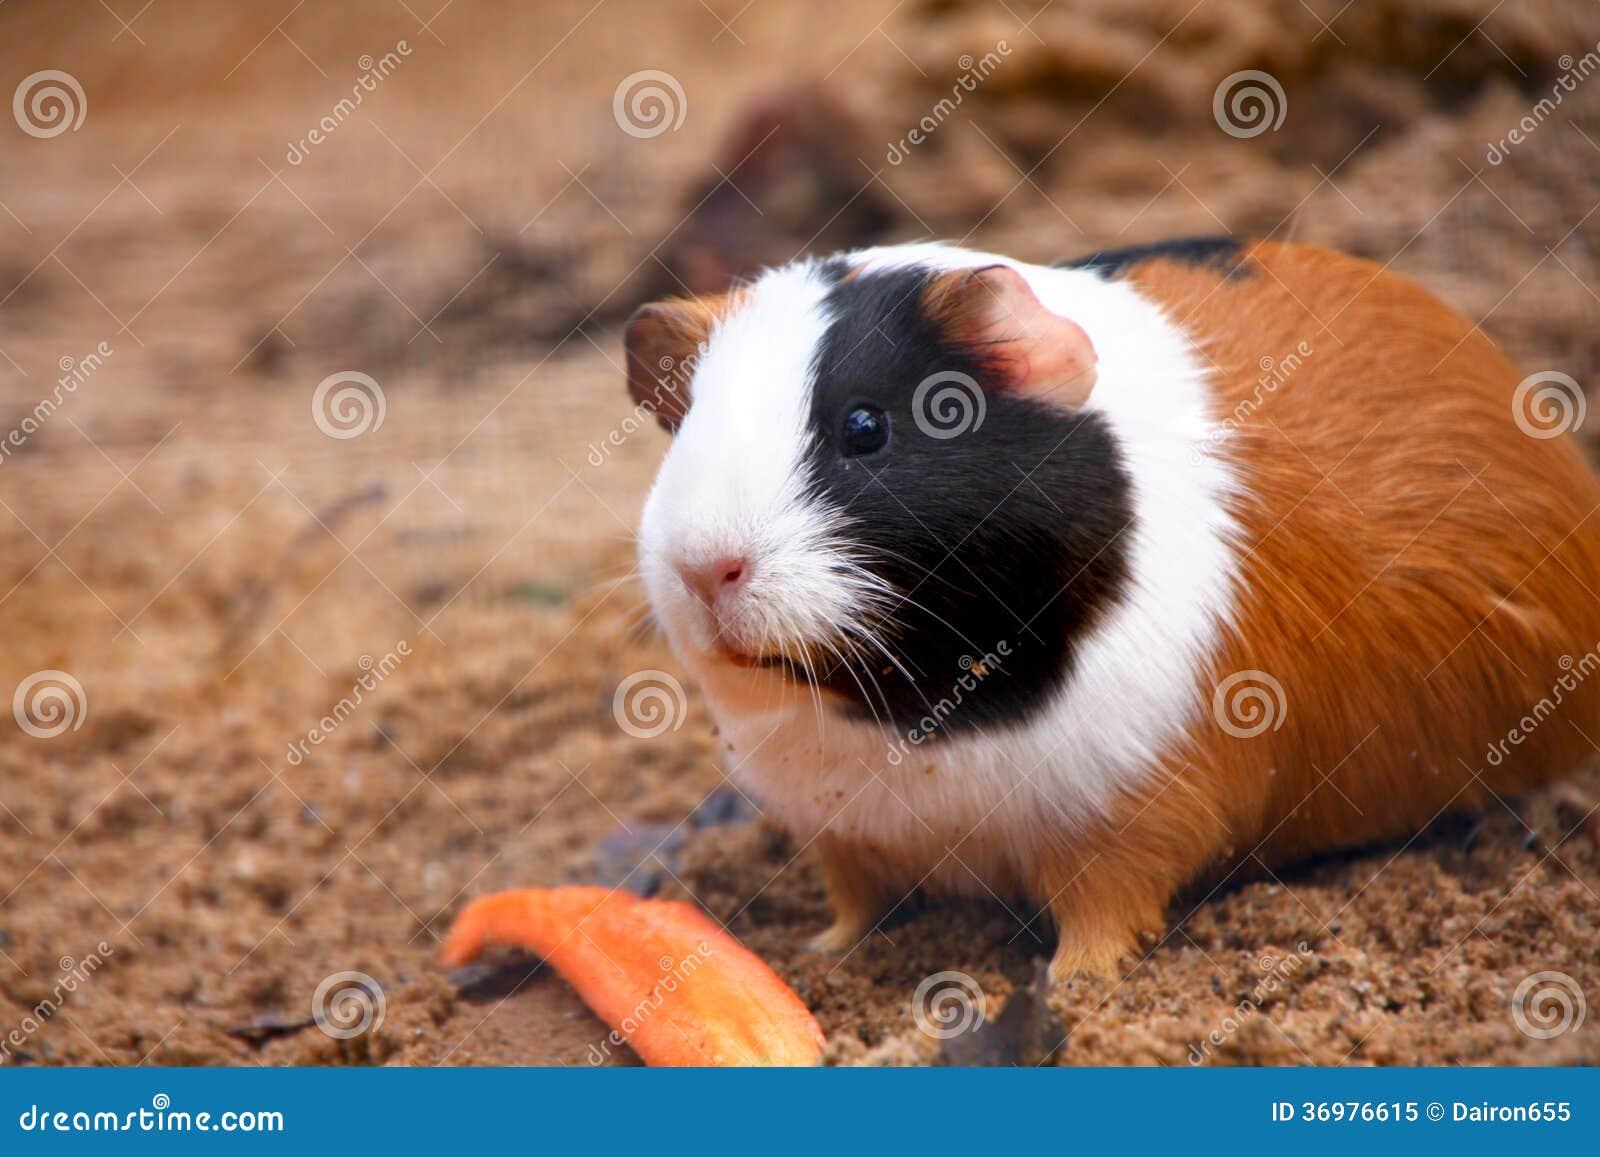 Хомяки и морские свинки